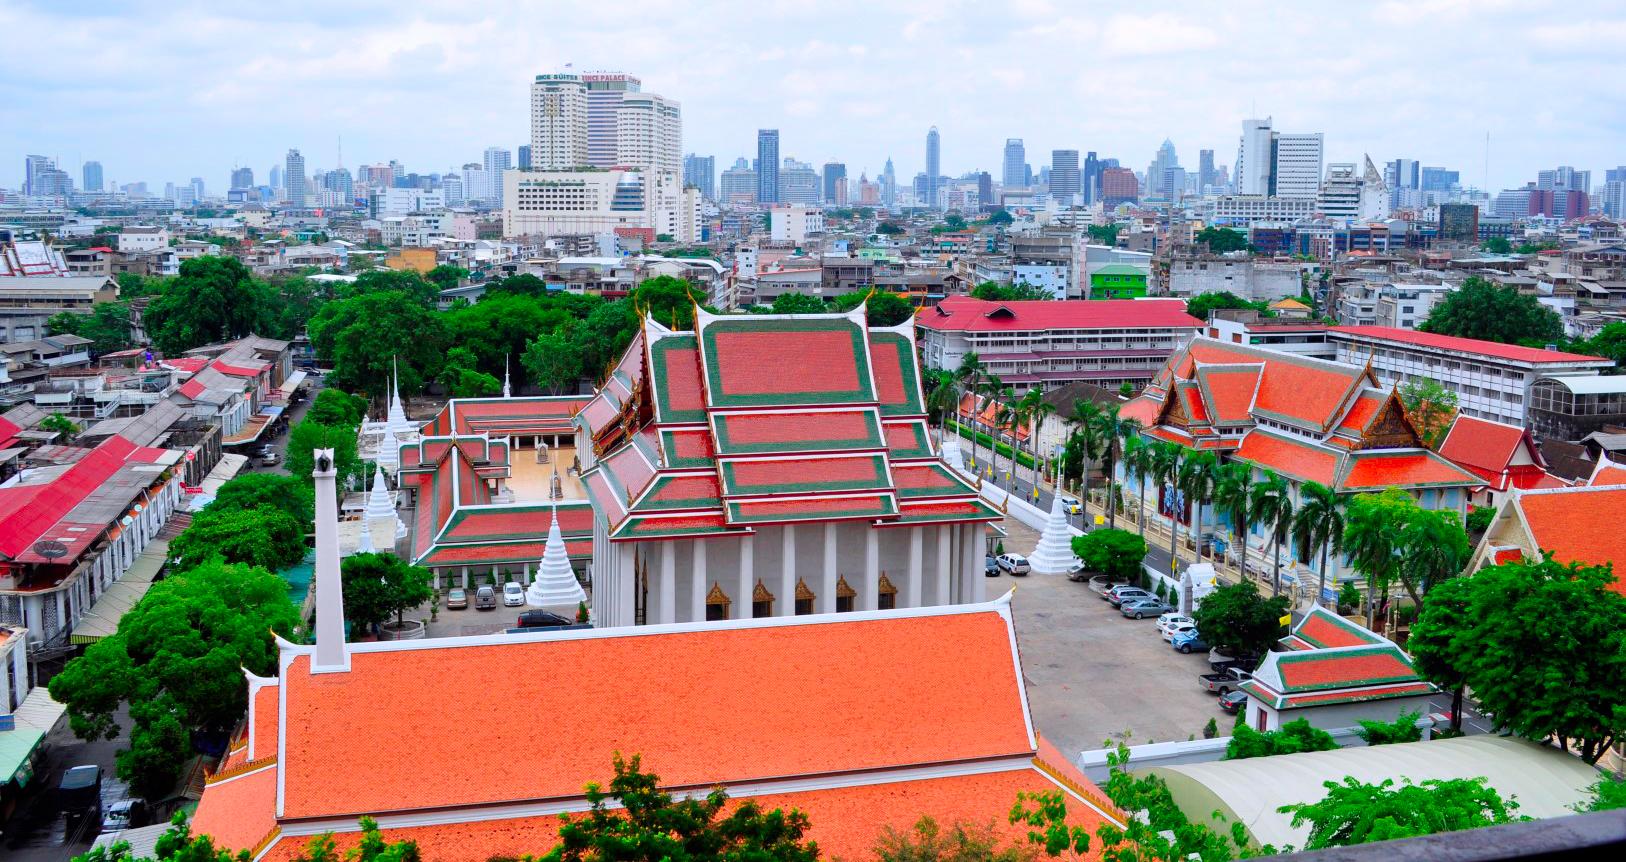 Qué hacer en Bangkok, qué ver en Bangkok, Tailandia qué hacer en bangkok - 40578978571 7ae61972a5 o - Qué hacer en Bangkok para descubrir su estilo de vida